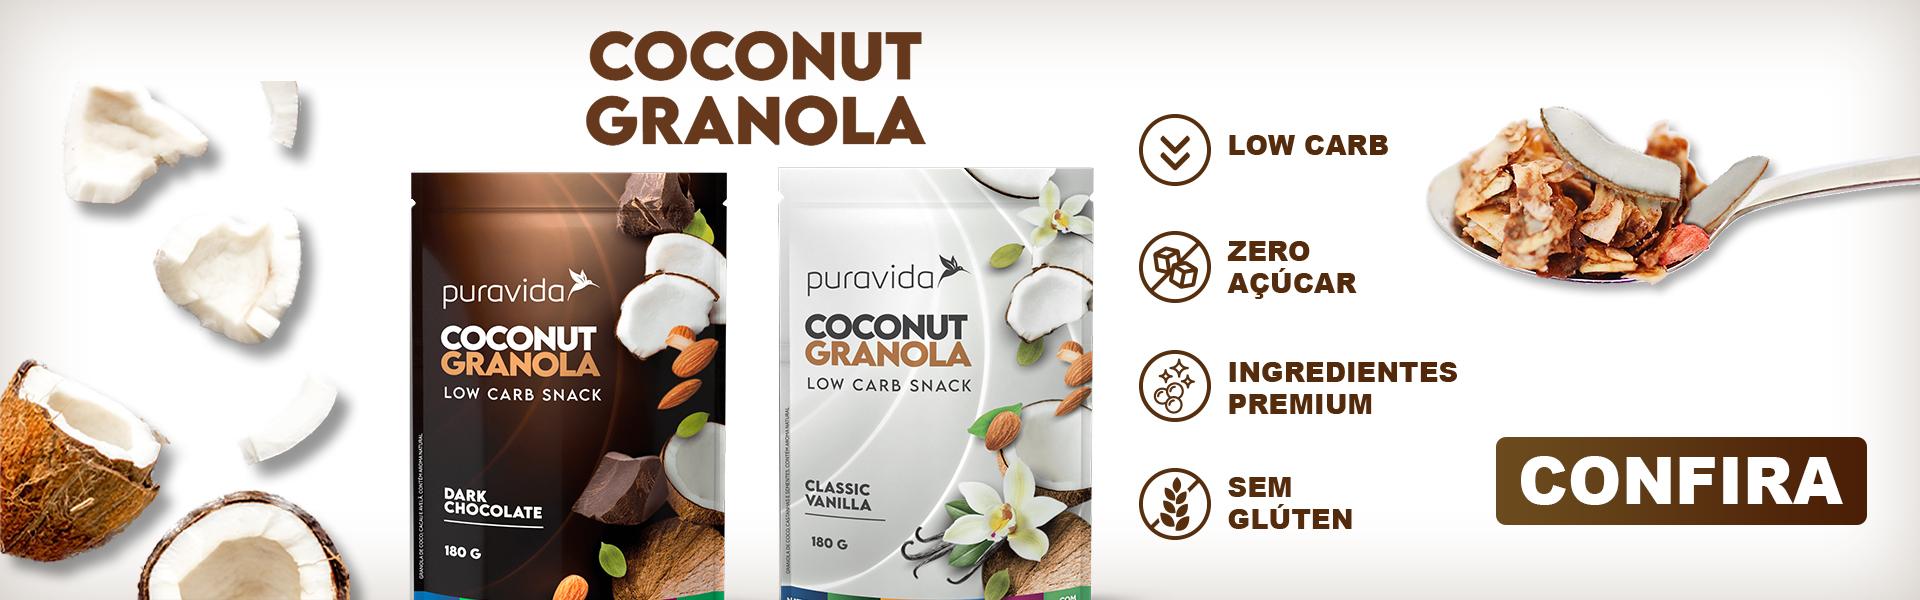 Coconut Granola 180g